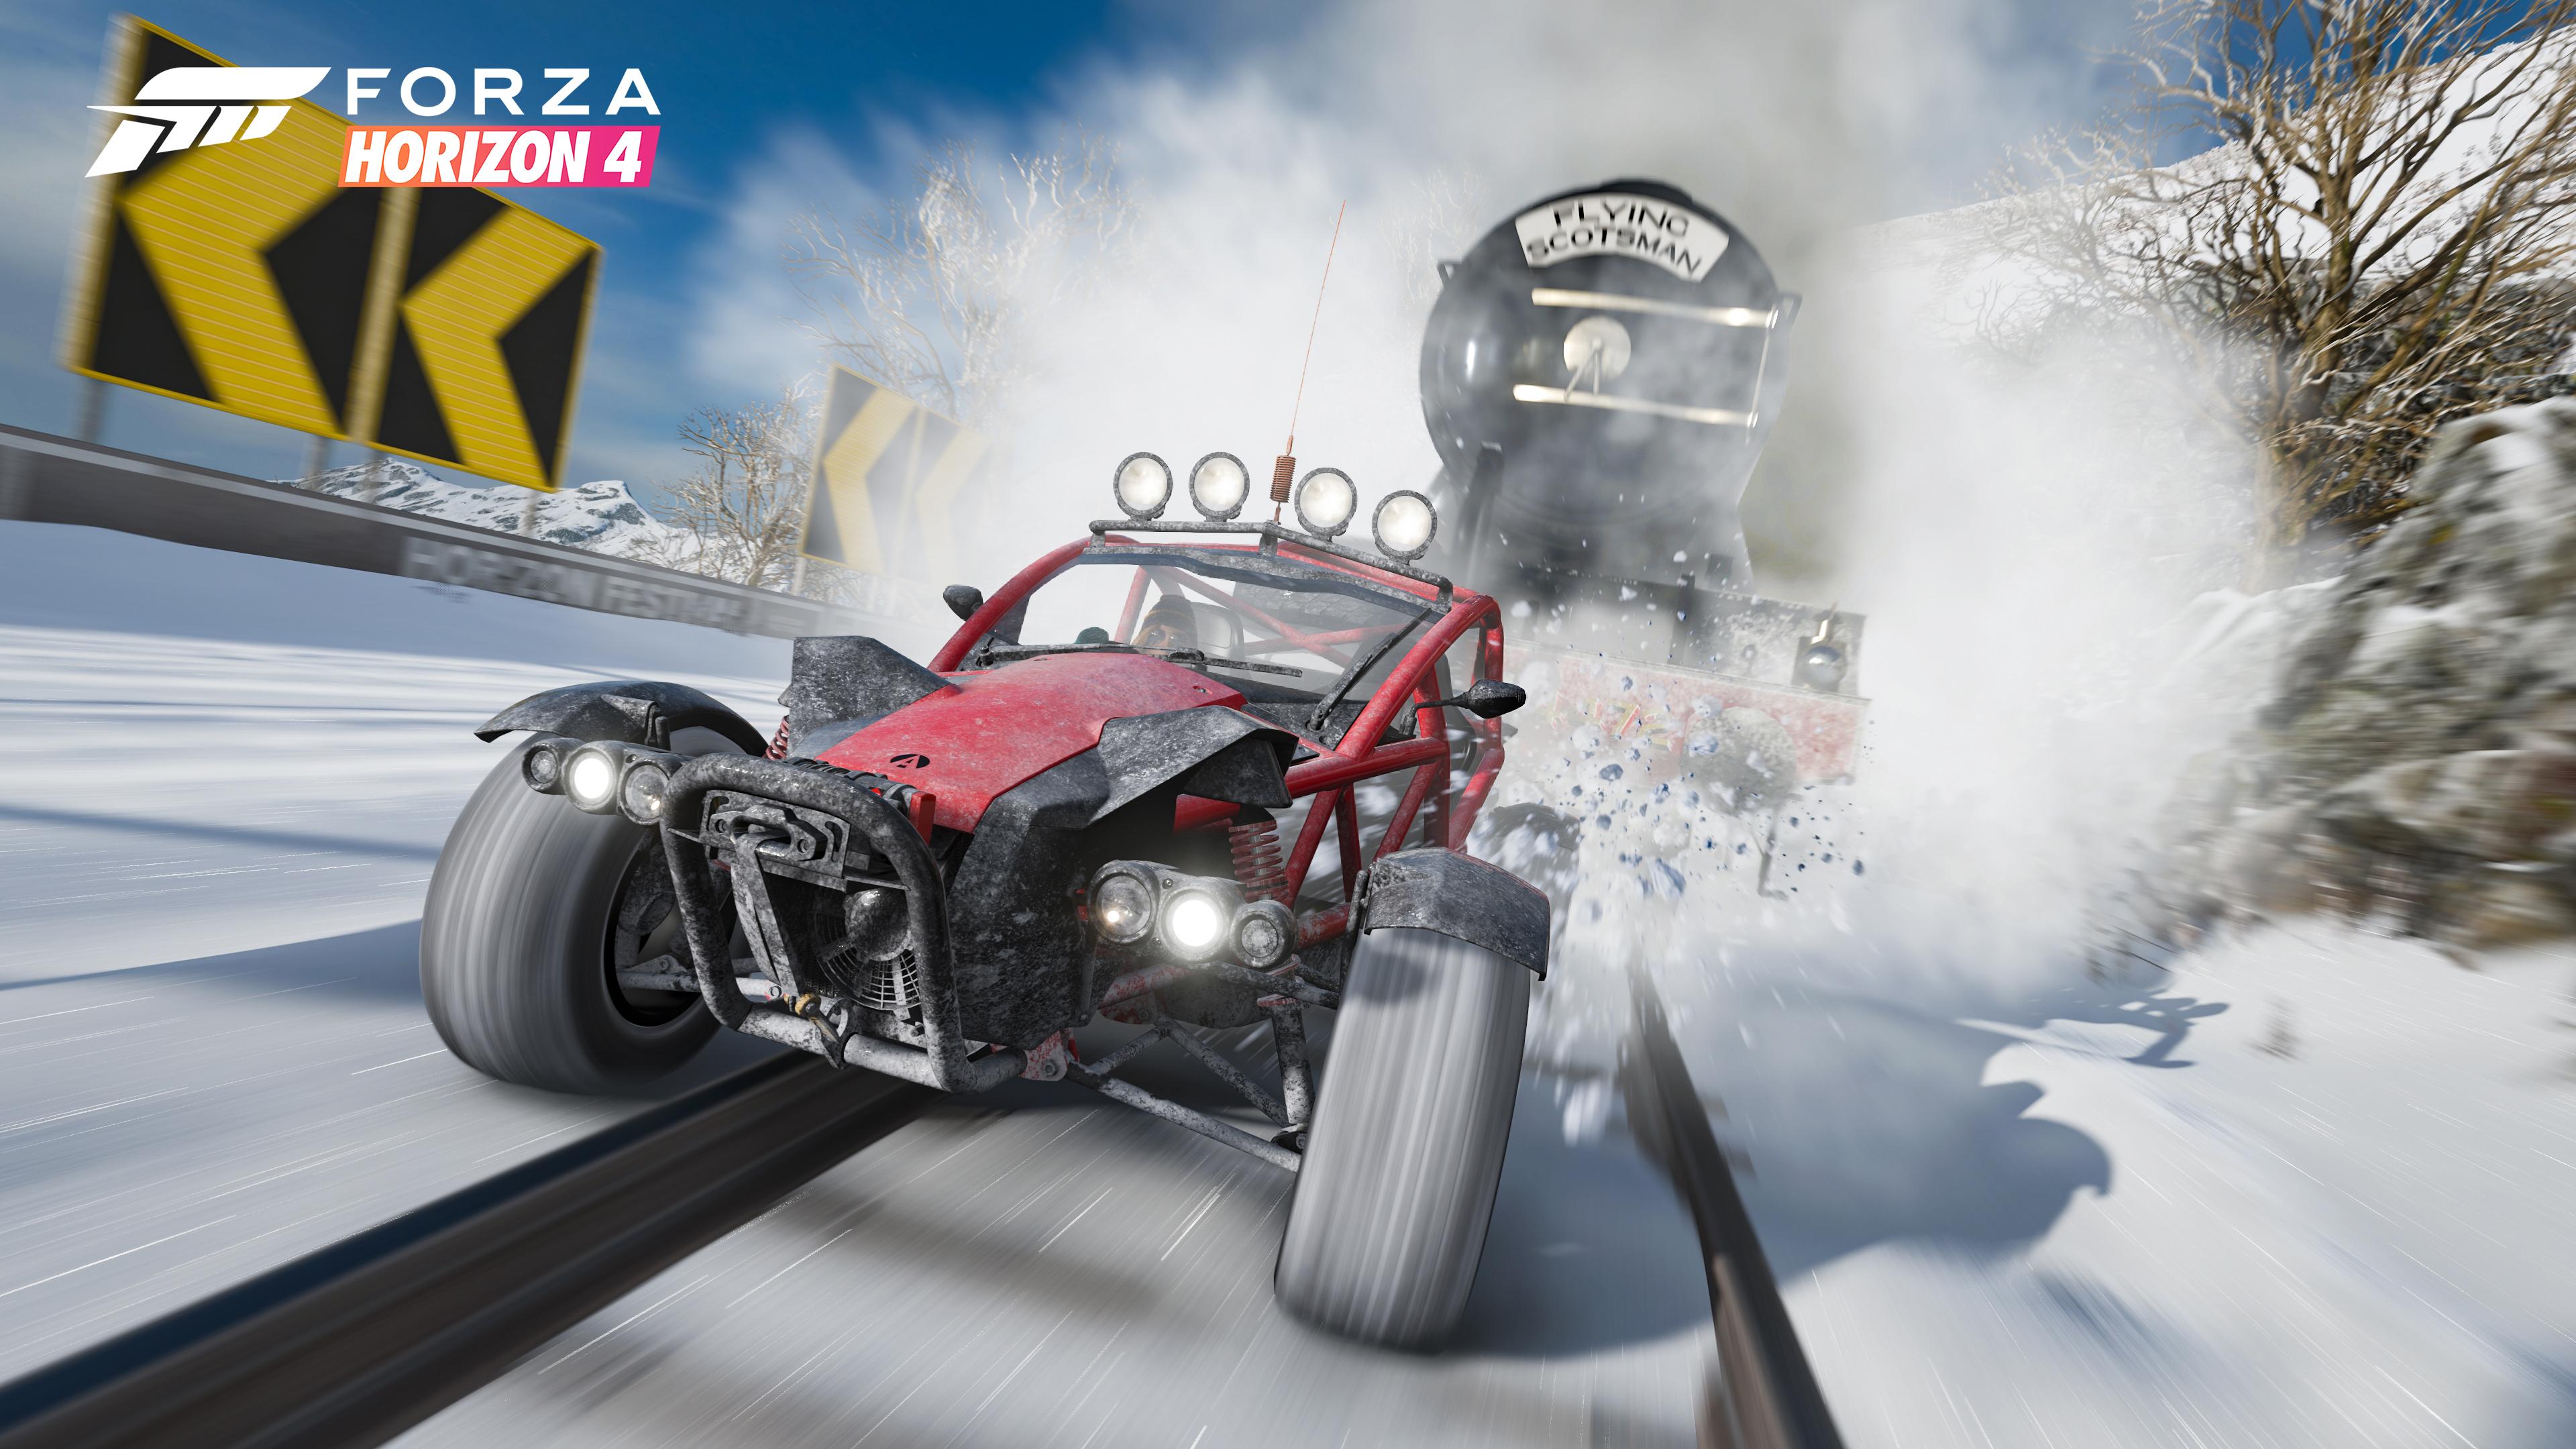 Vinter, sa du? Forza Horizon-serien har fått årstider.